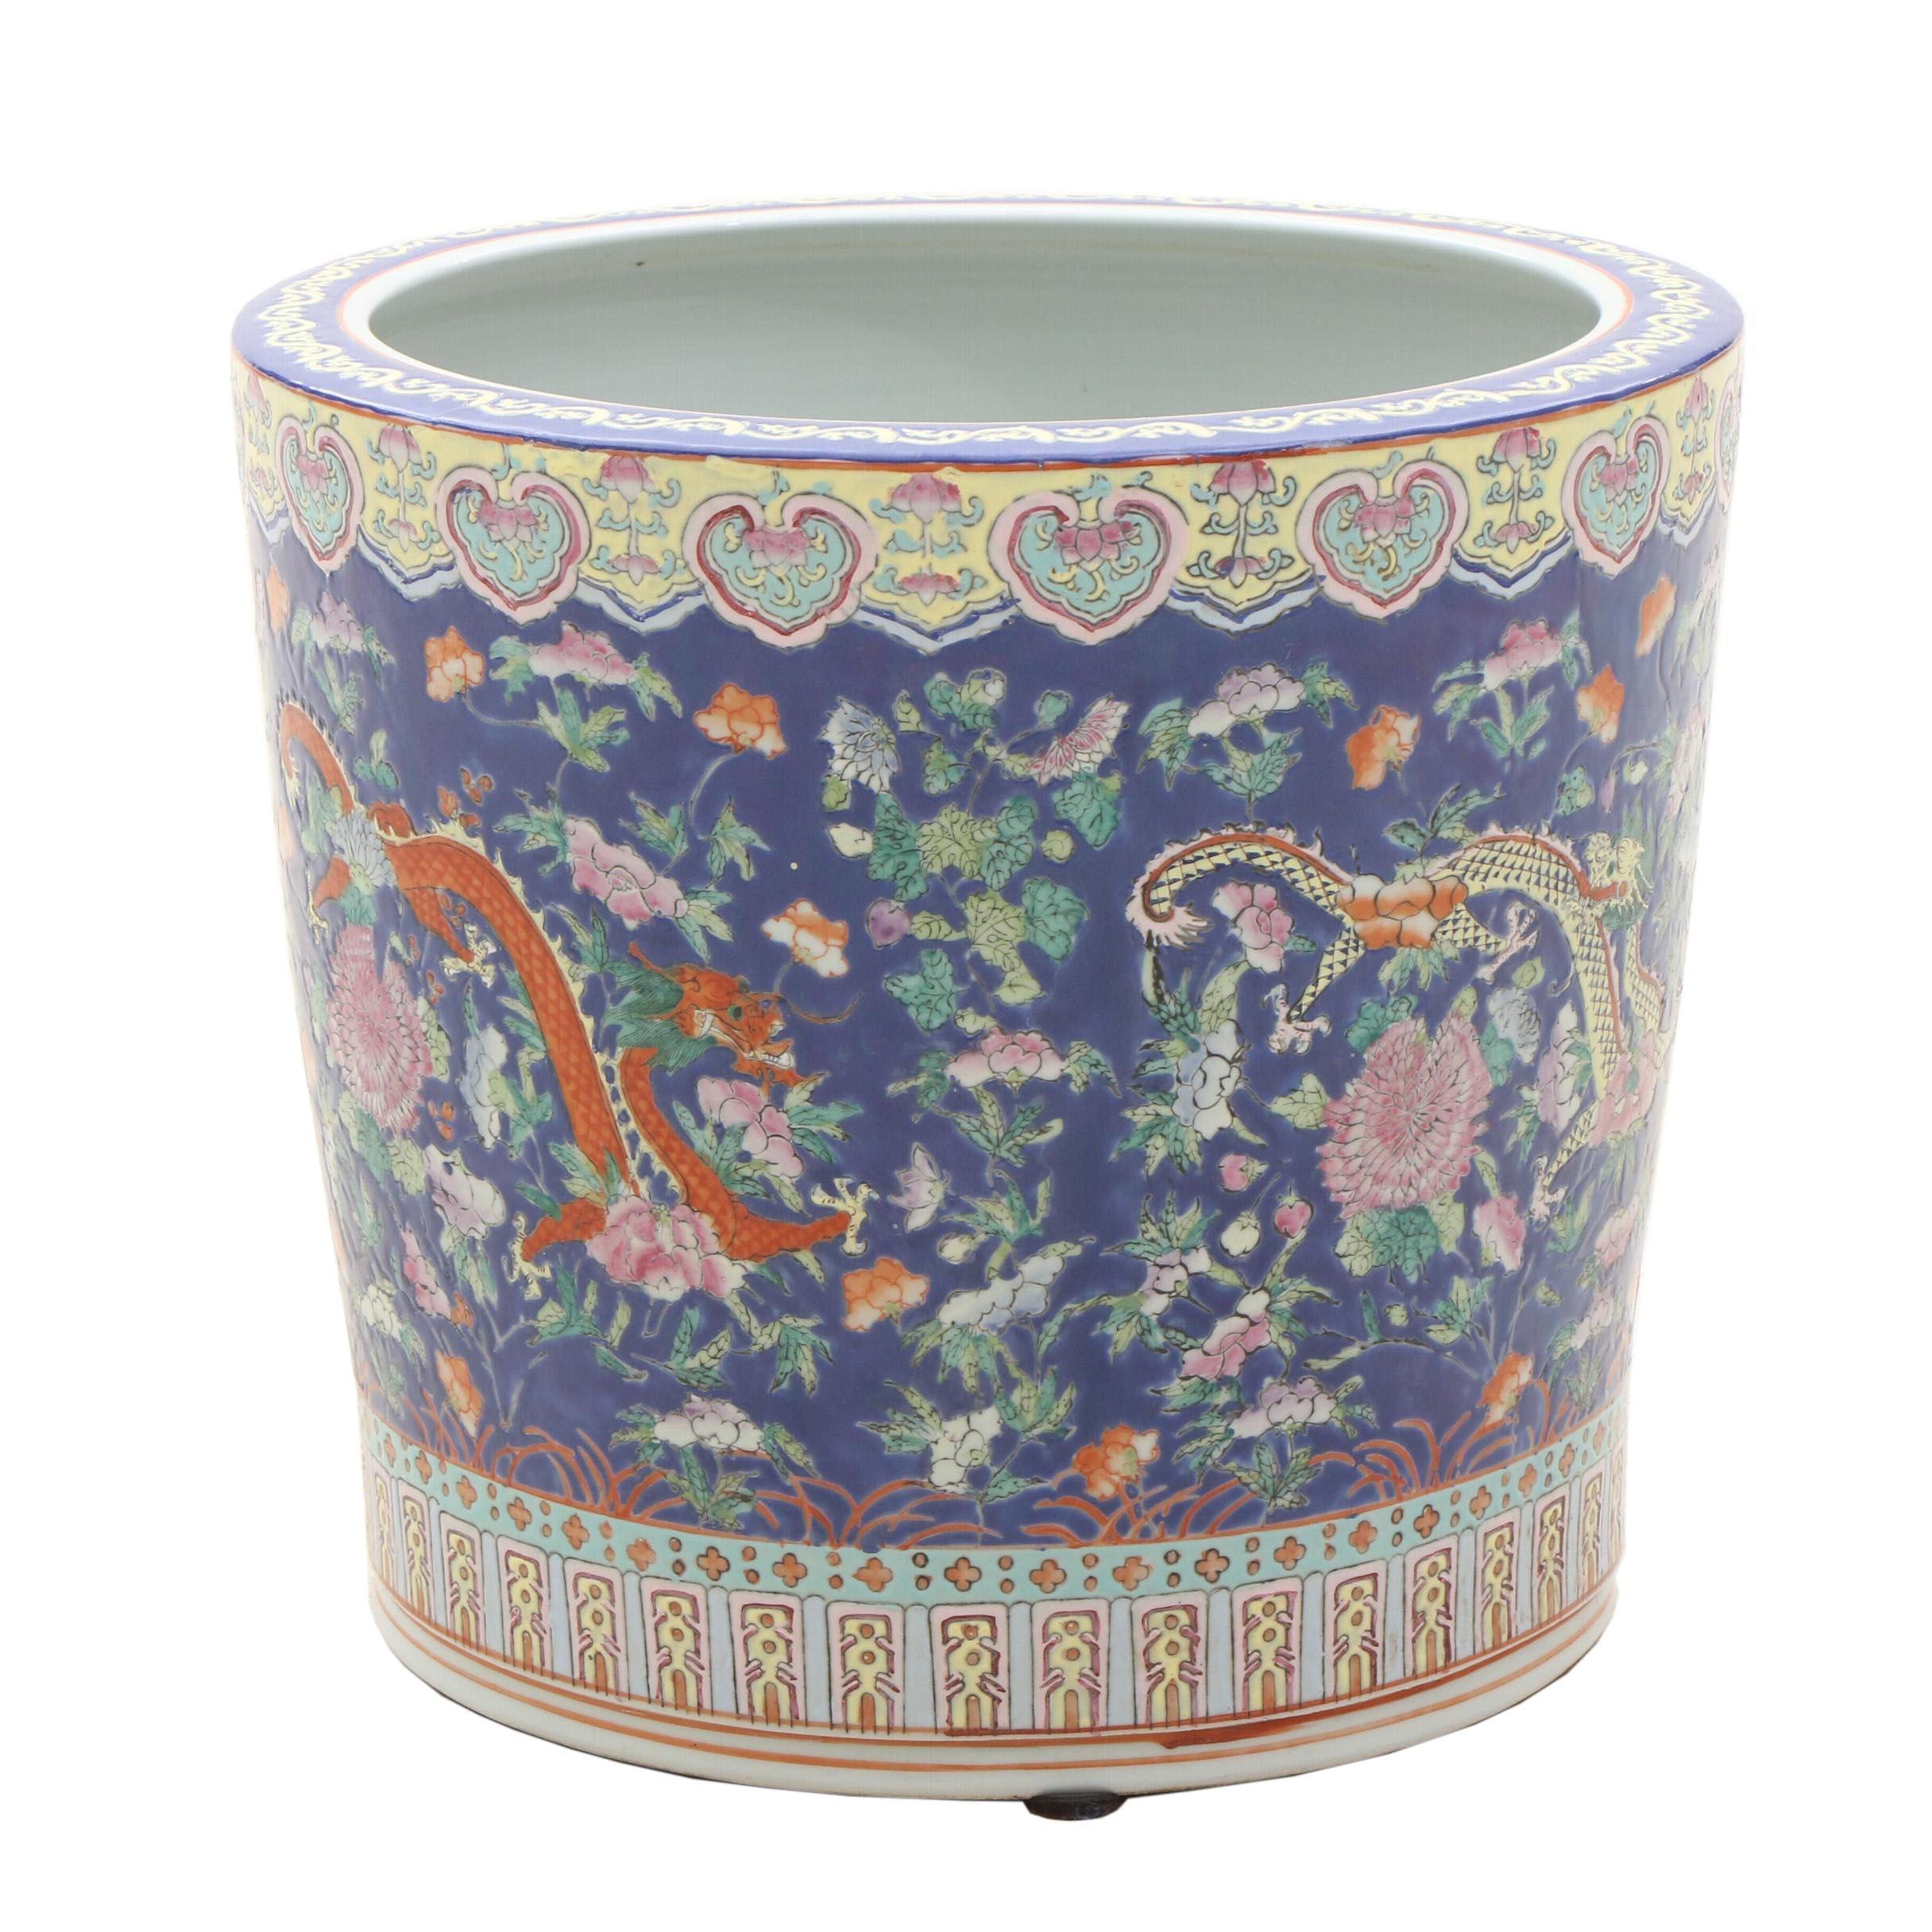 Chinese Dragon Motif Ceramic Planter